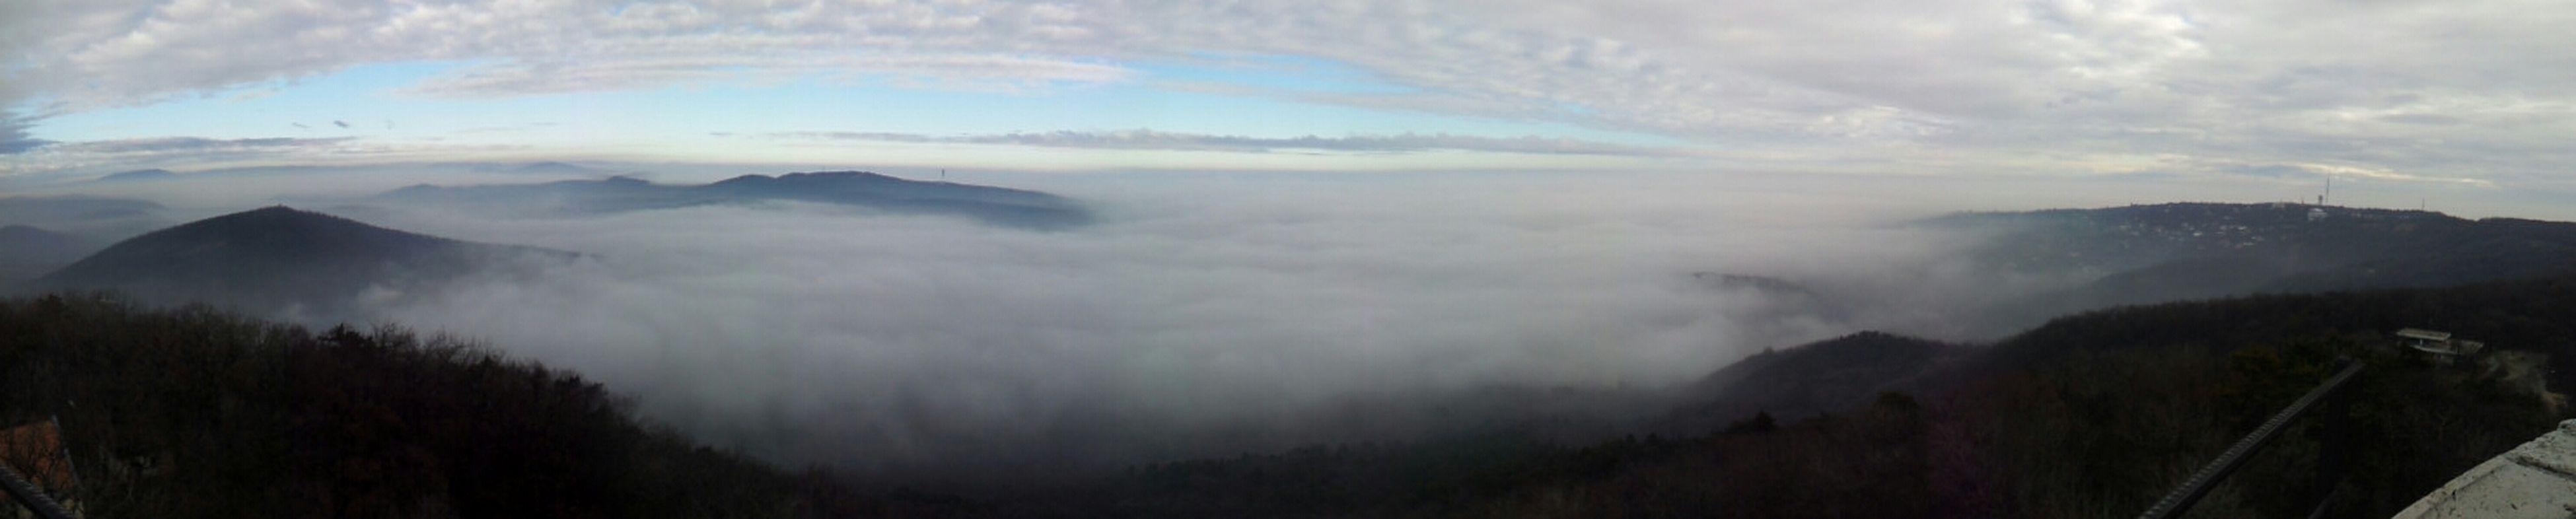 Fog Trekking